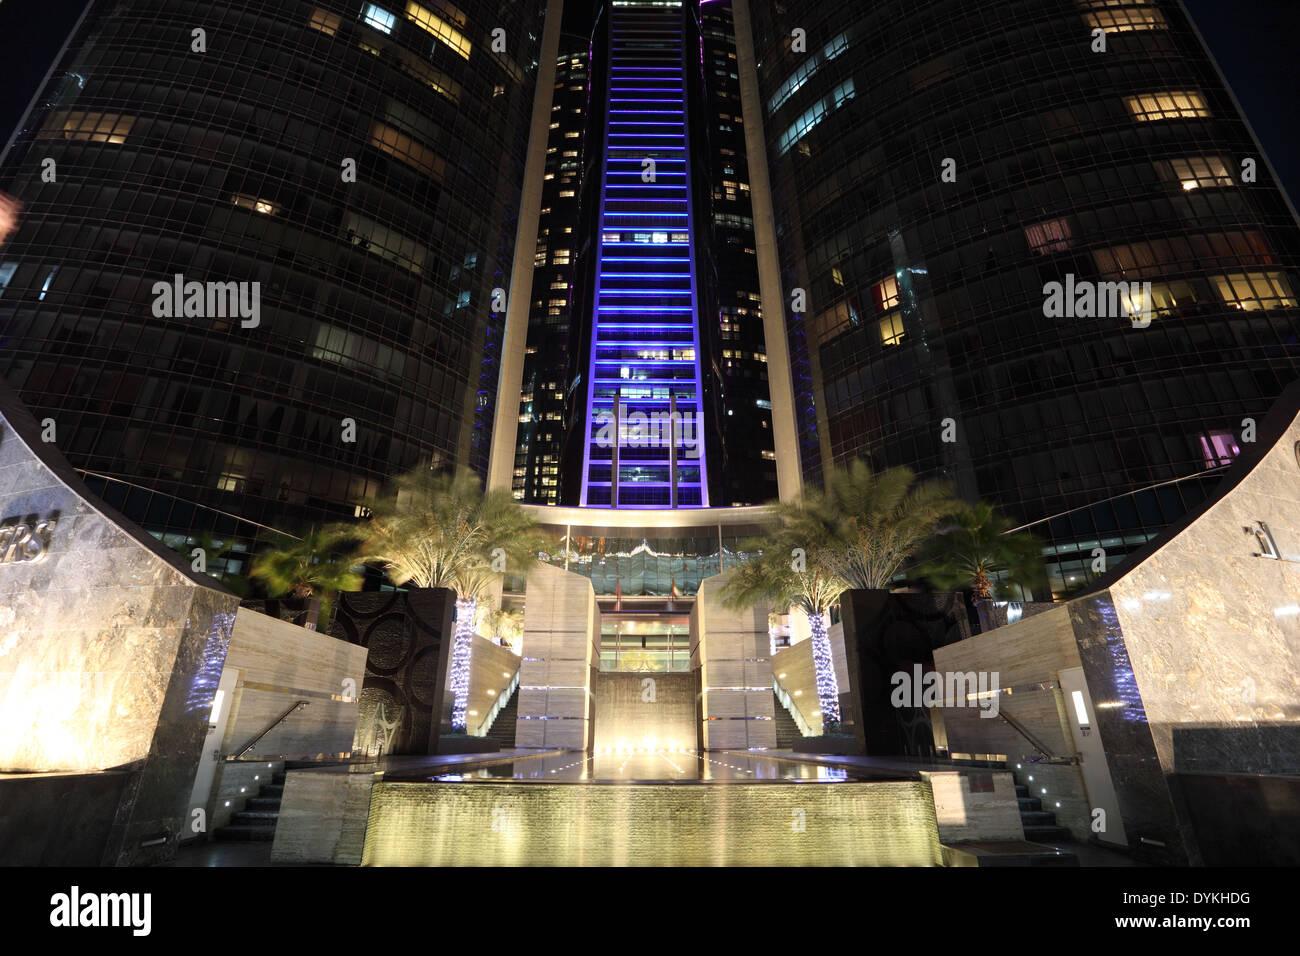 Etihad Towers at night. Abu Dhabi, United Arab Emirates - Stock Image